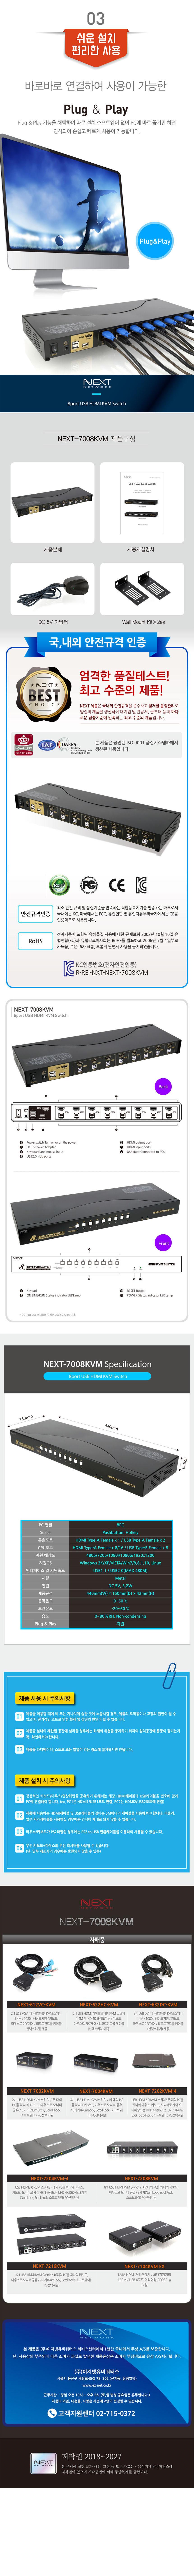 이지넷유비쿼터스  8포트 USB HDMI KVM스위치 (NEXT-7008KVM)